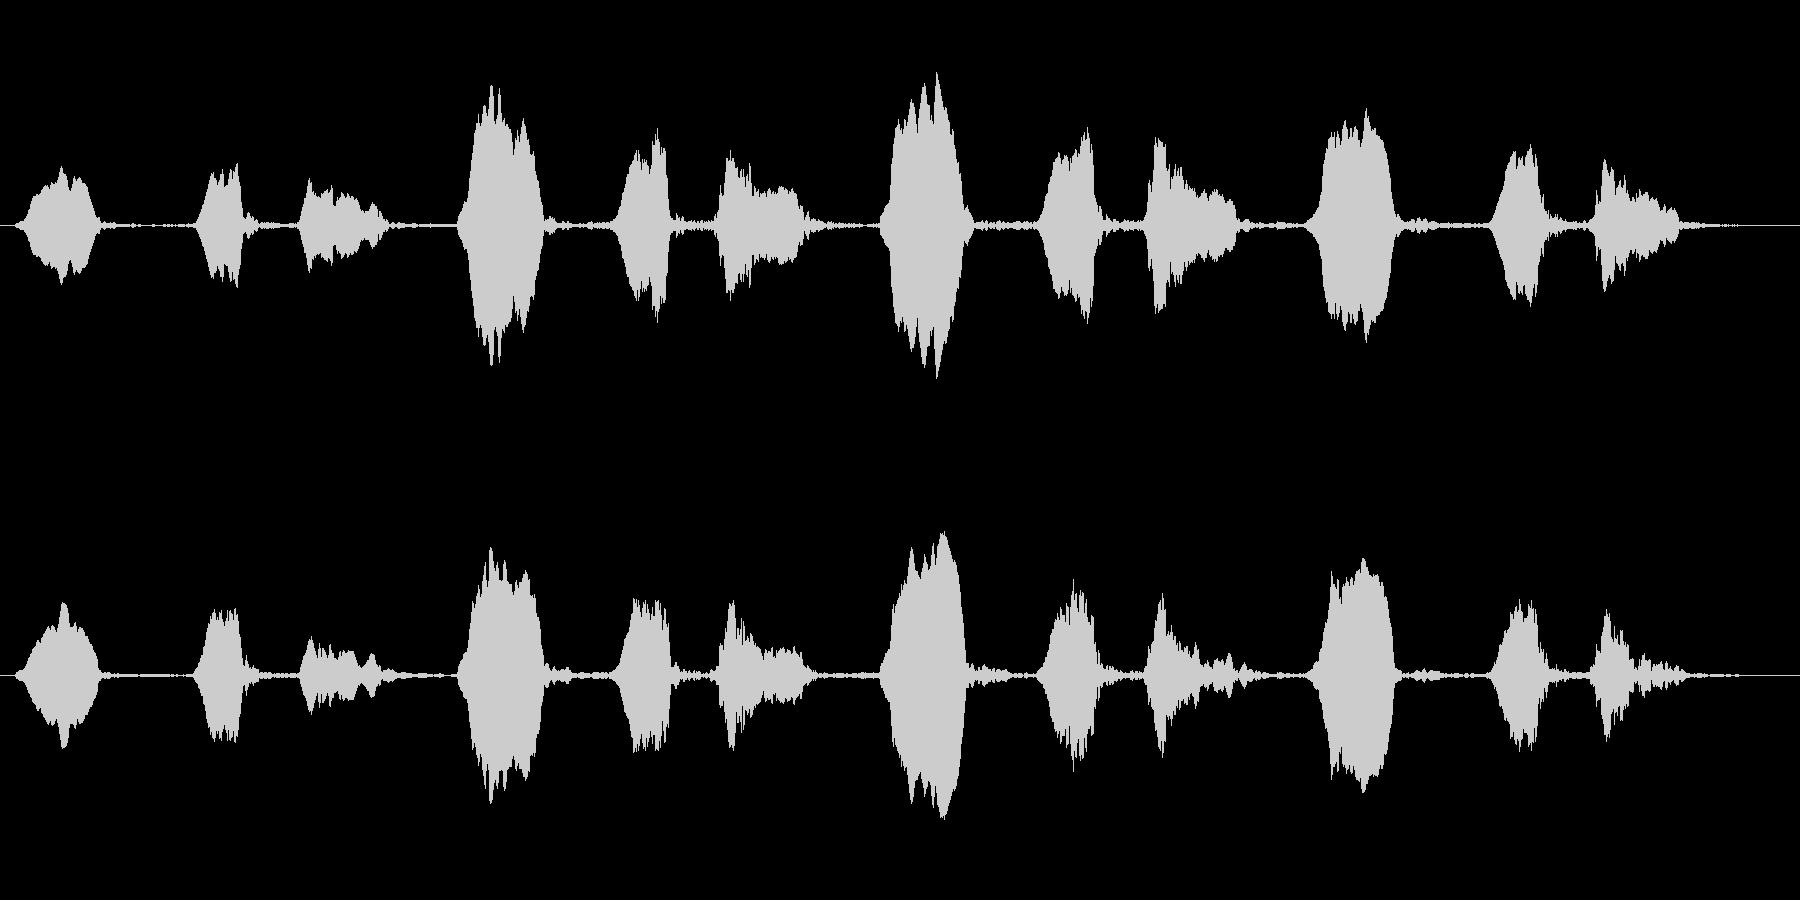 ヒガラのさえずり(ツピン ツピン)の未再生の波形